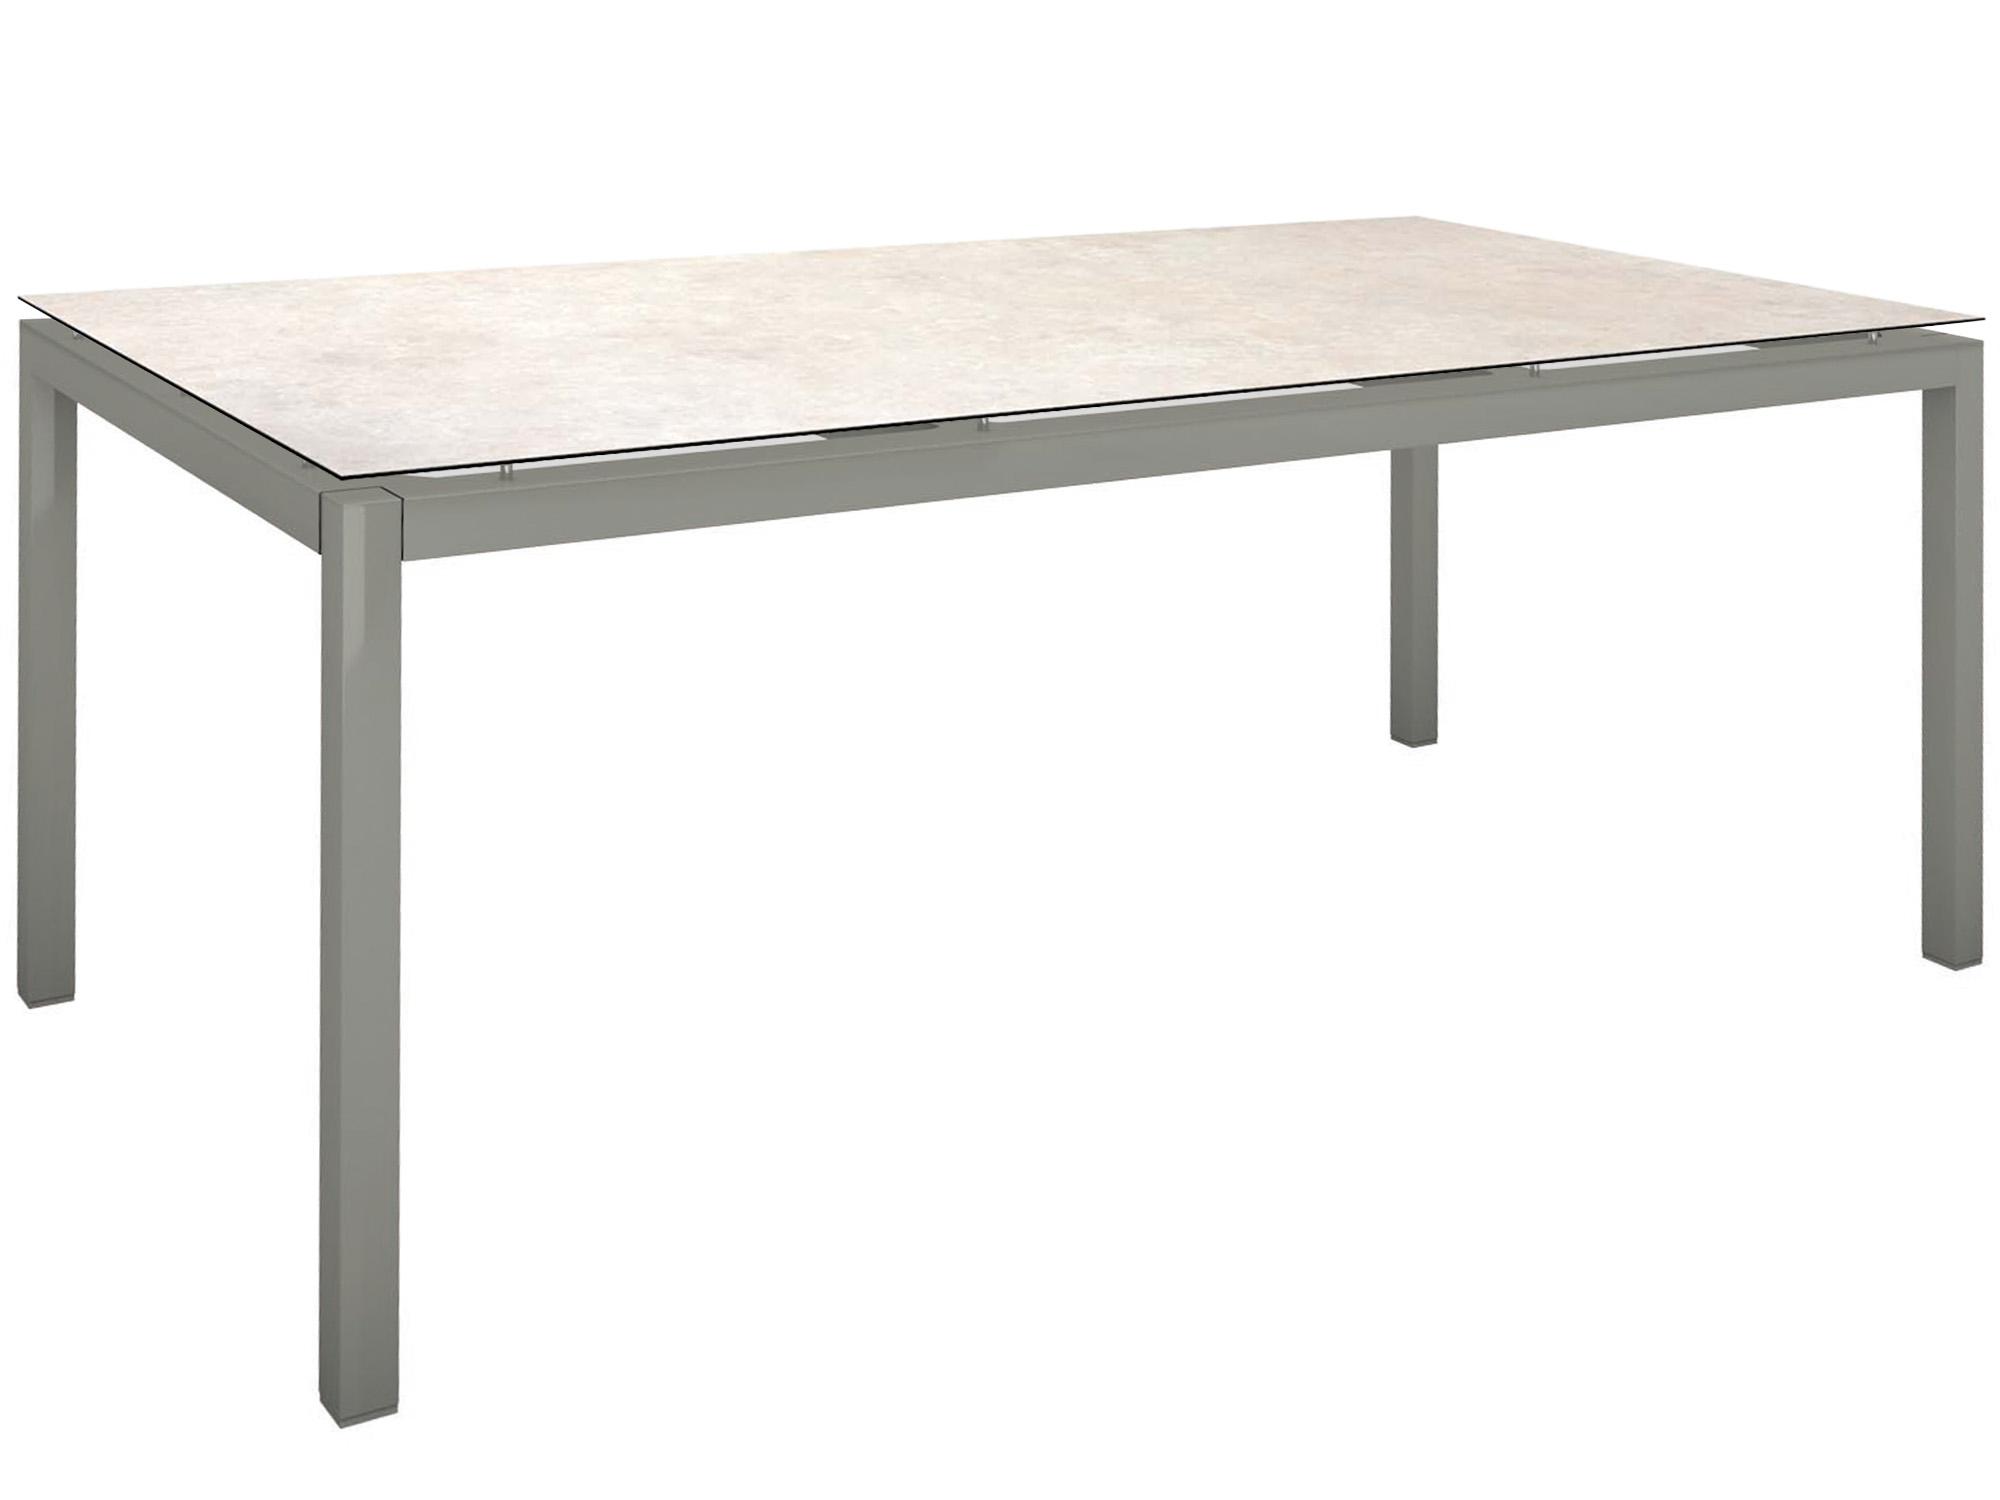 Stern Gartentisch 200x100cm Aluminium Graphit Silverstar 20 Tundra Grau